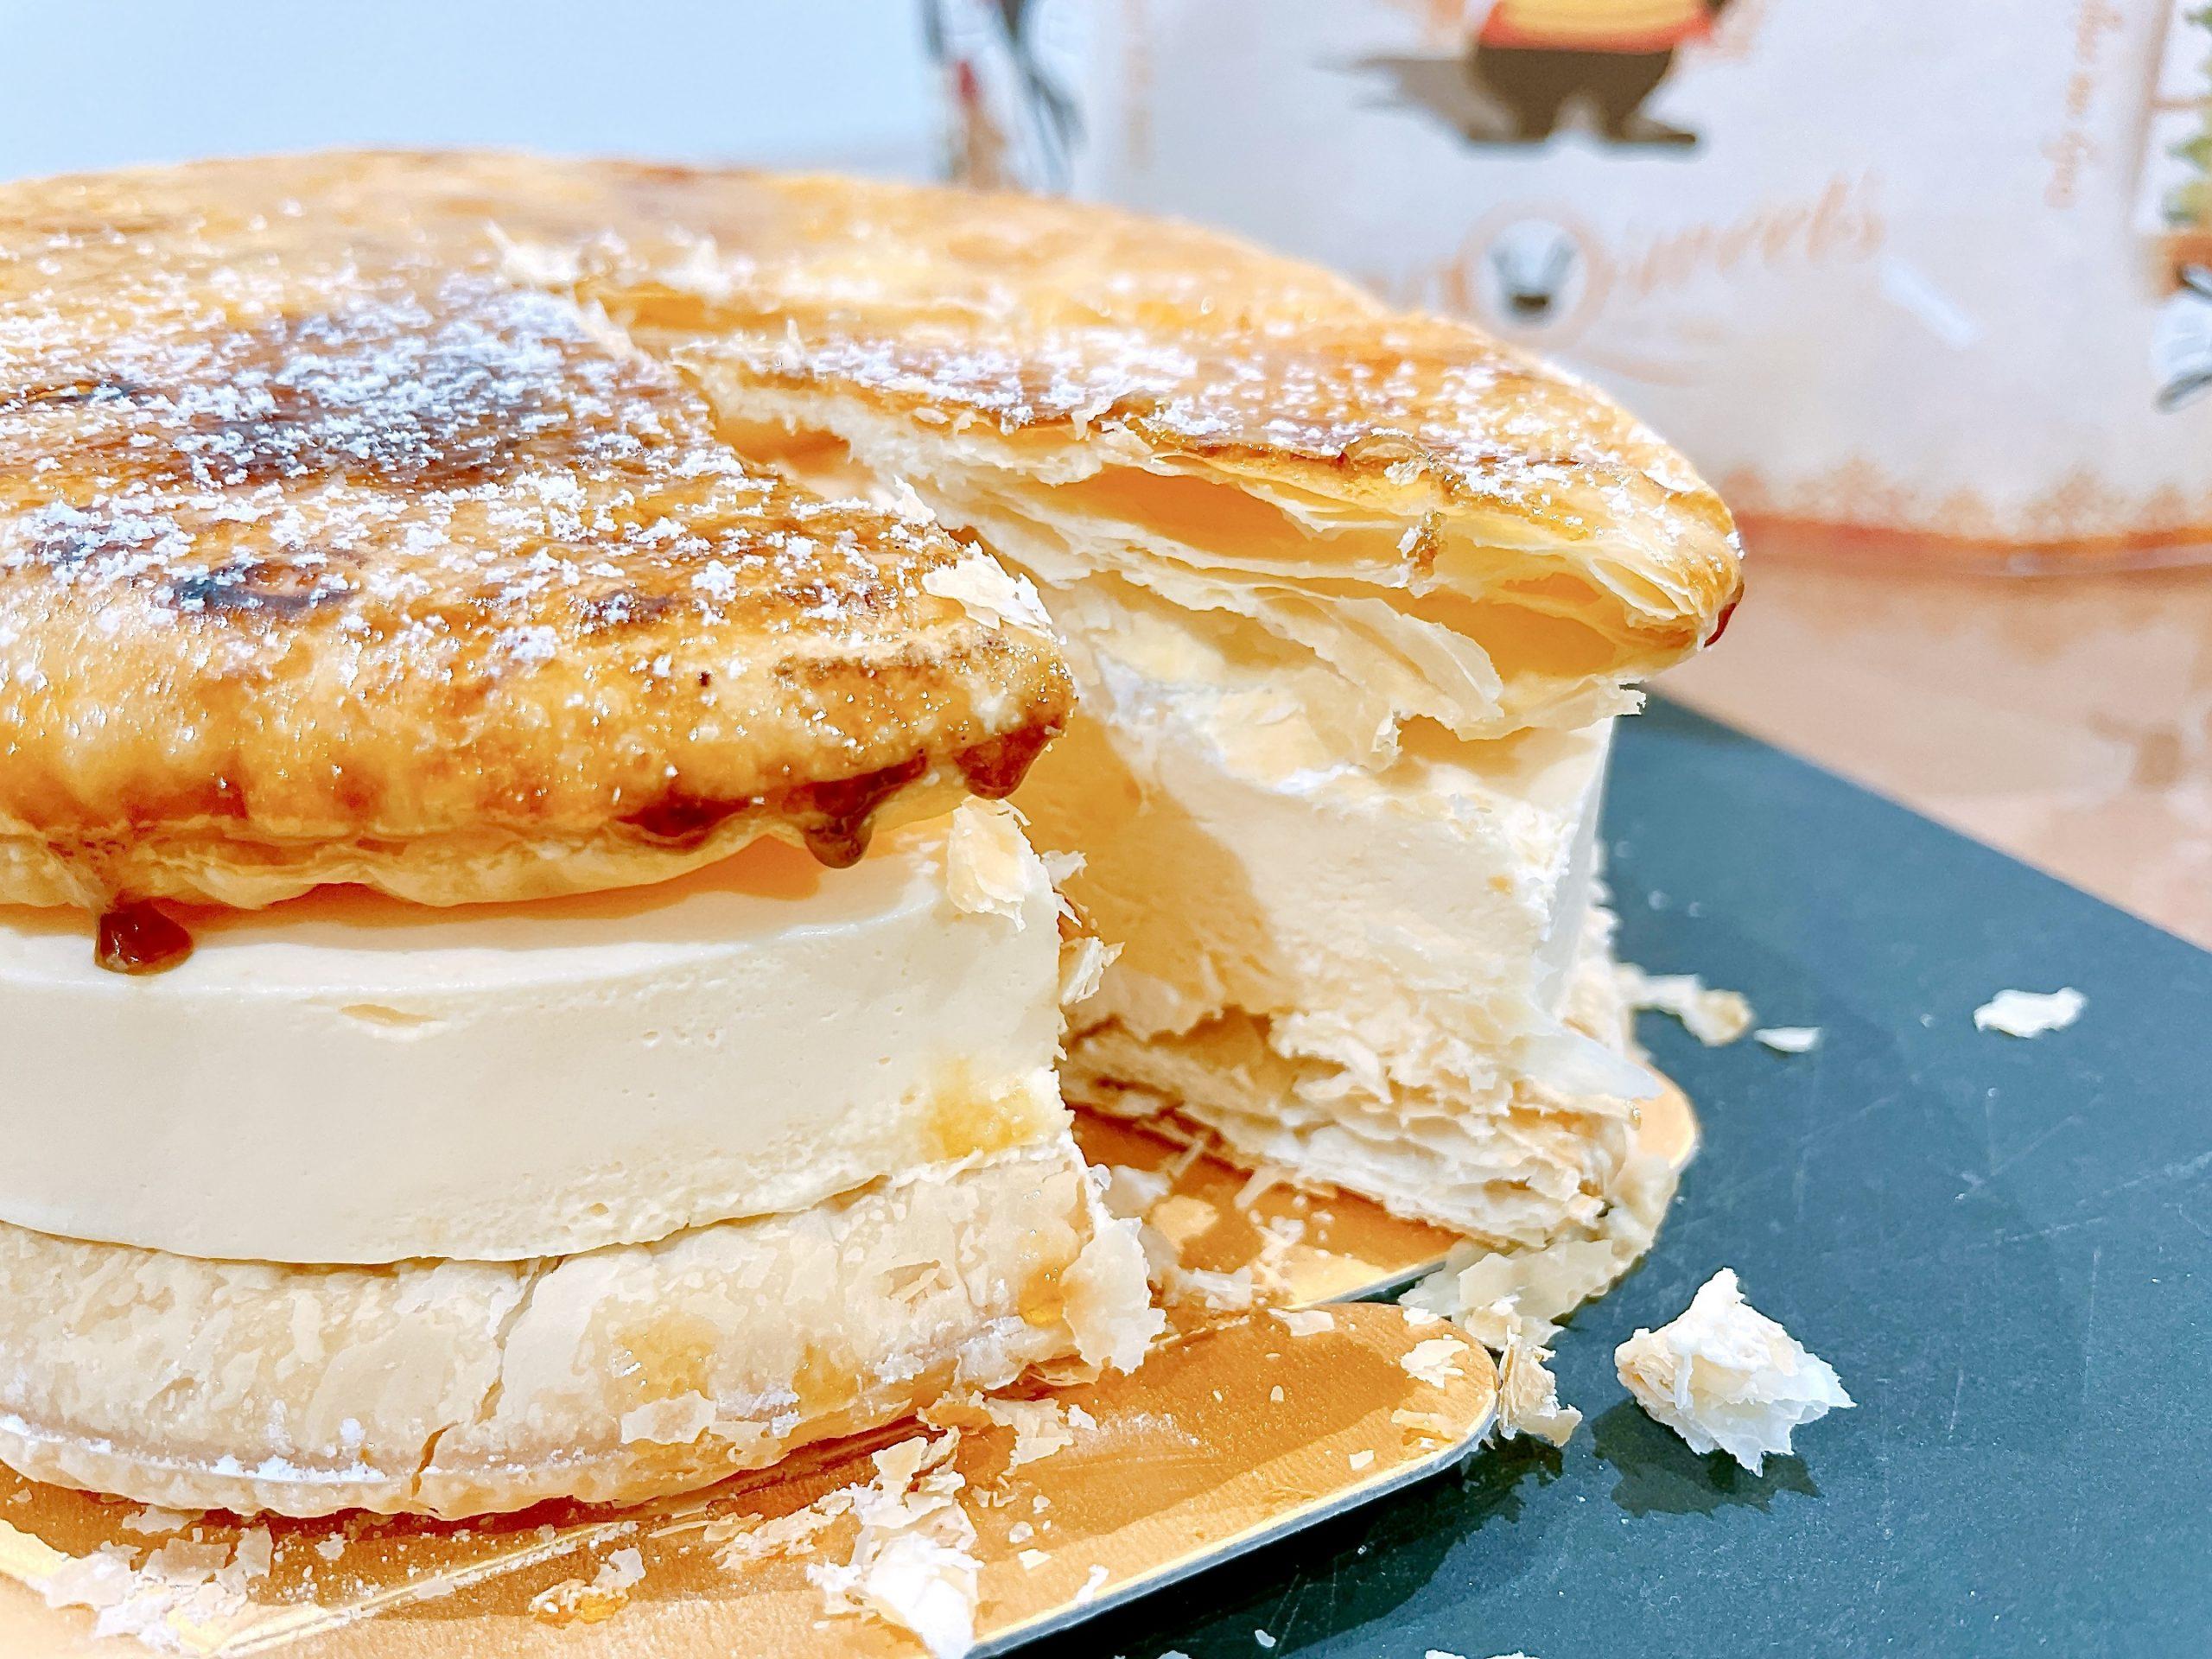 EGOAL(イーゴール)のブリュレチーズケーキを切ってみるとパイ生地だと分かる